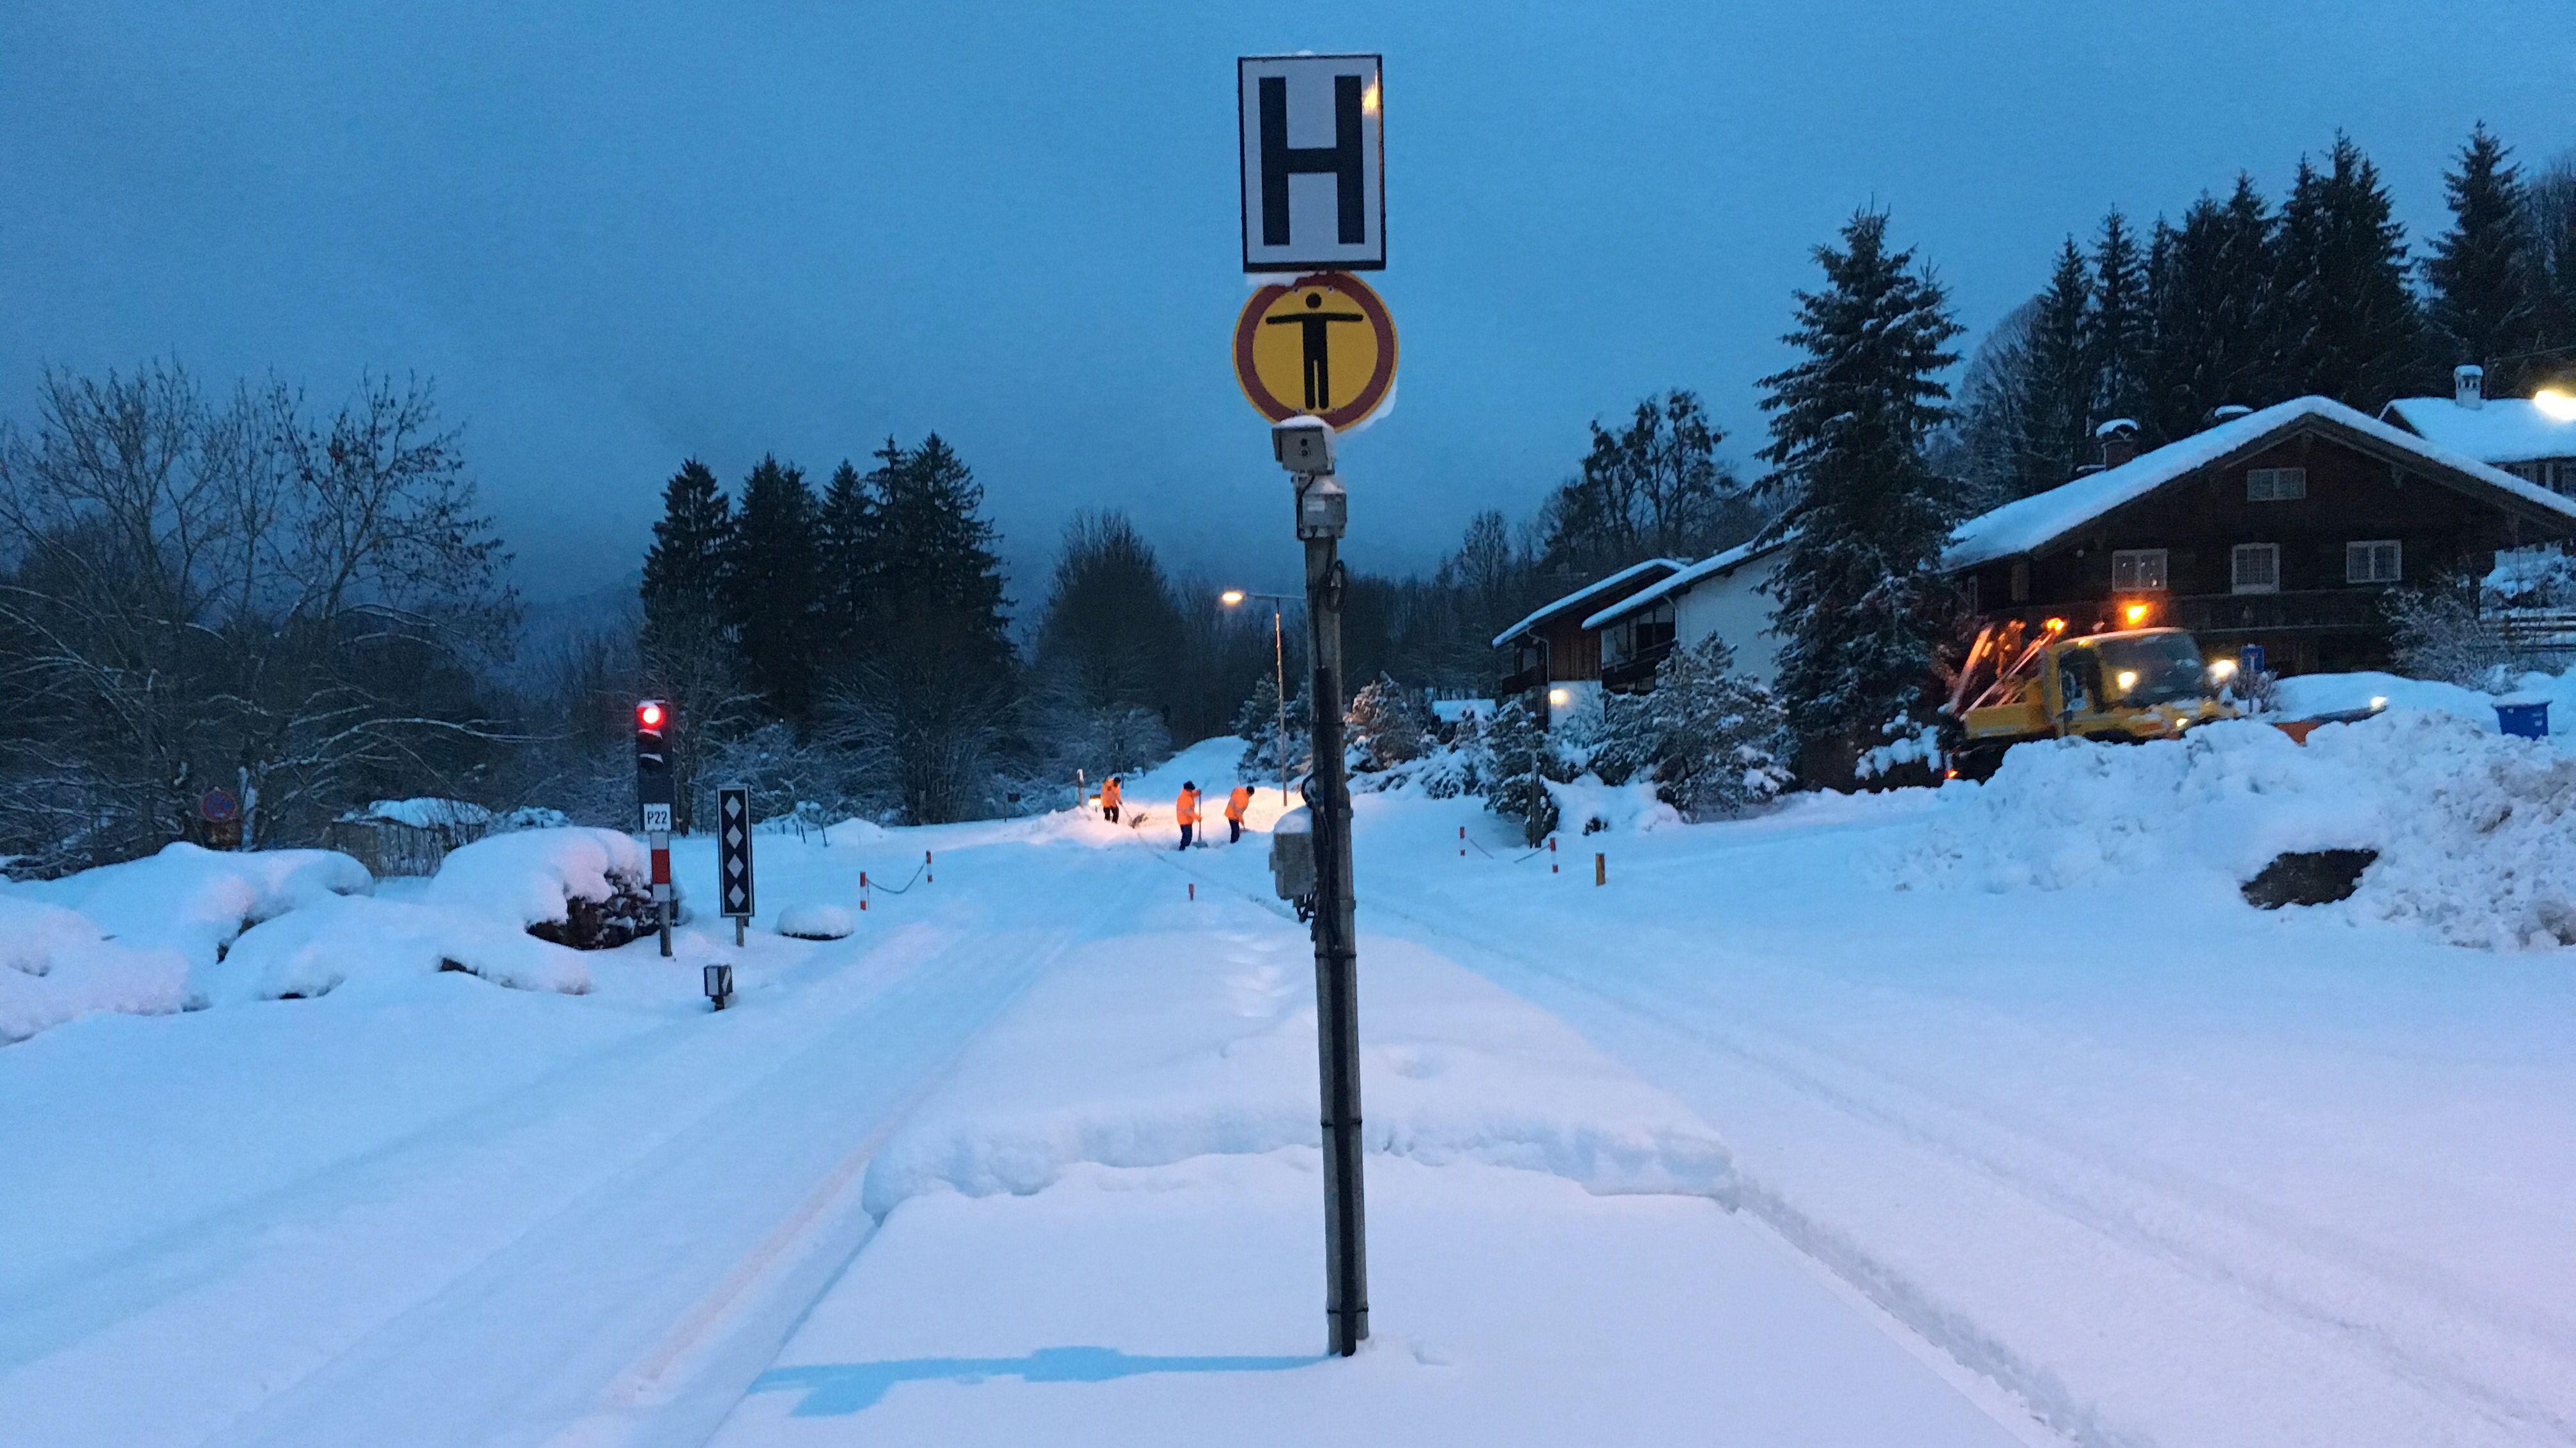 Schnee am Bahnhof in Gmund am Tegernsee